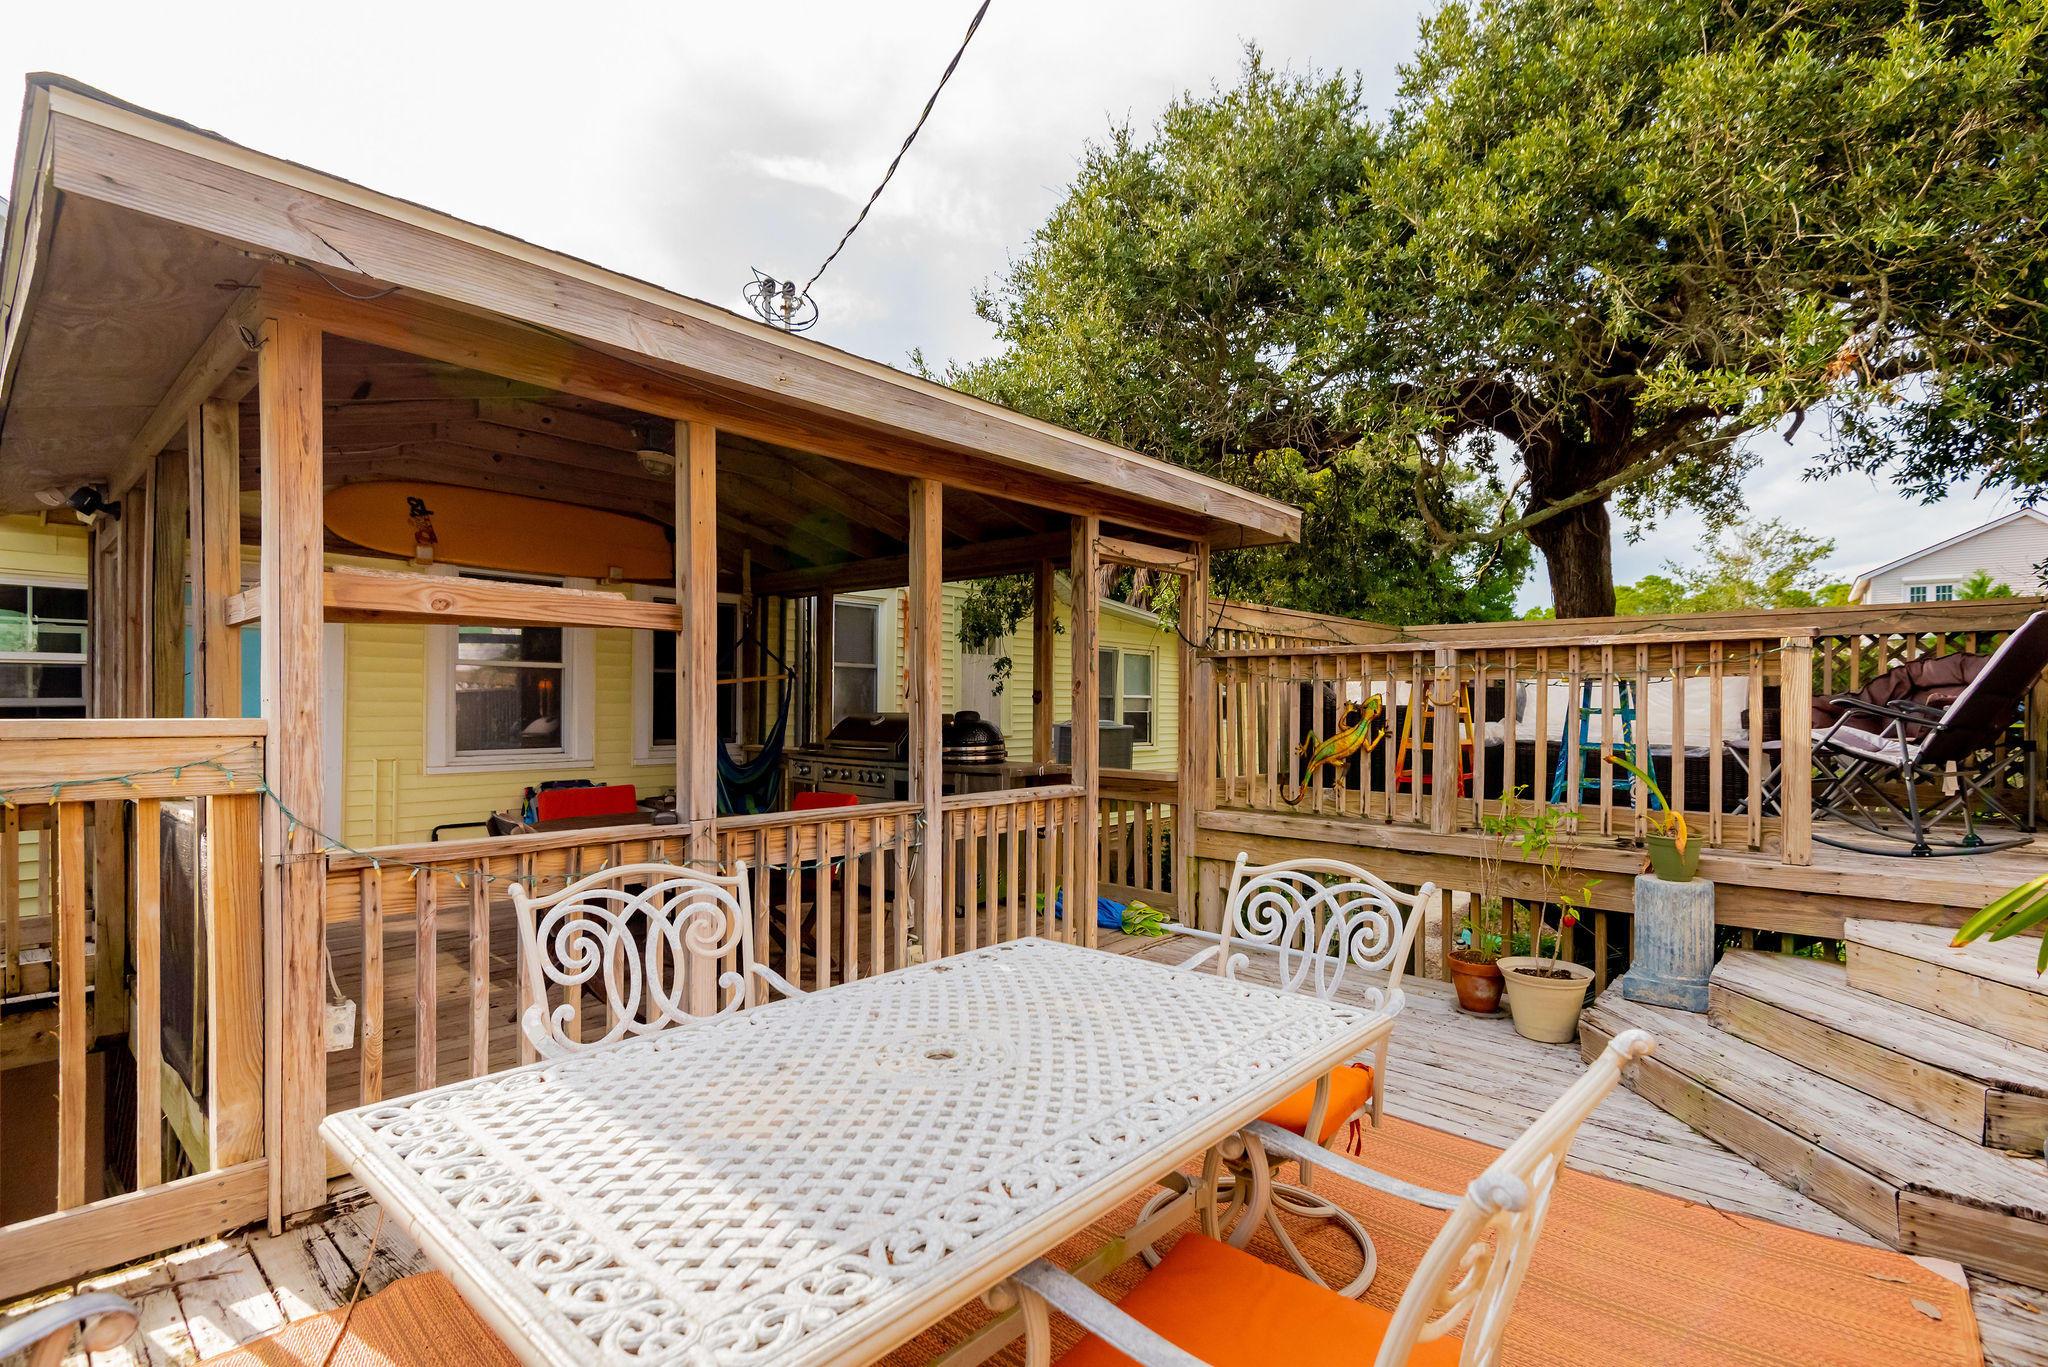 Folly Beach Homes For Sale - 504 Ashley, Folly Beach, SC - 3